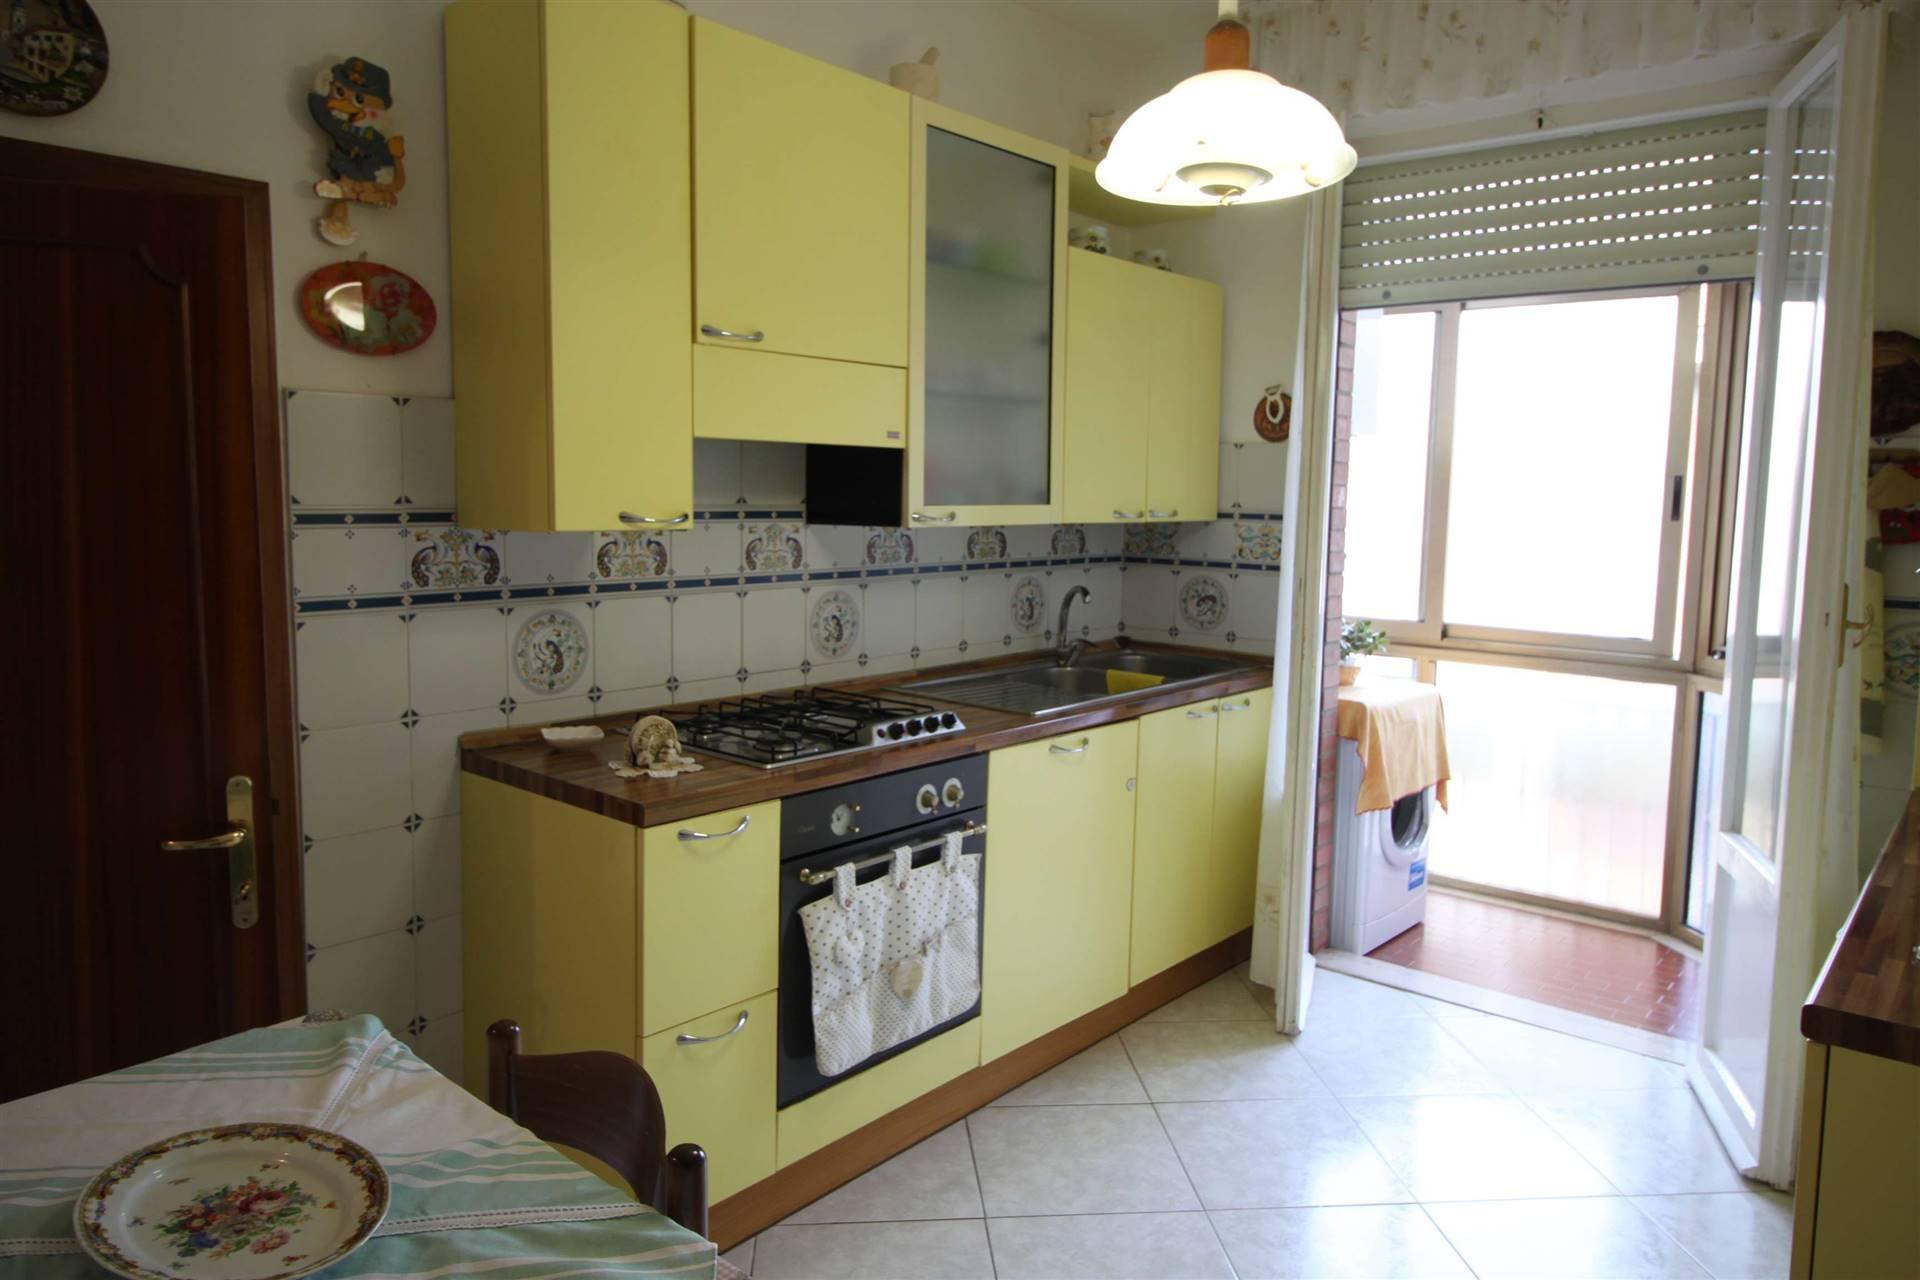 ZONA EUROPA - Via Monte Rosa 62 Piccola palazzina appartamento di ampia metratura al secondo ed ultimo piano s.a. composto di ingresso, cucina con